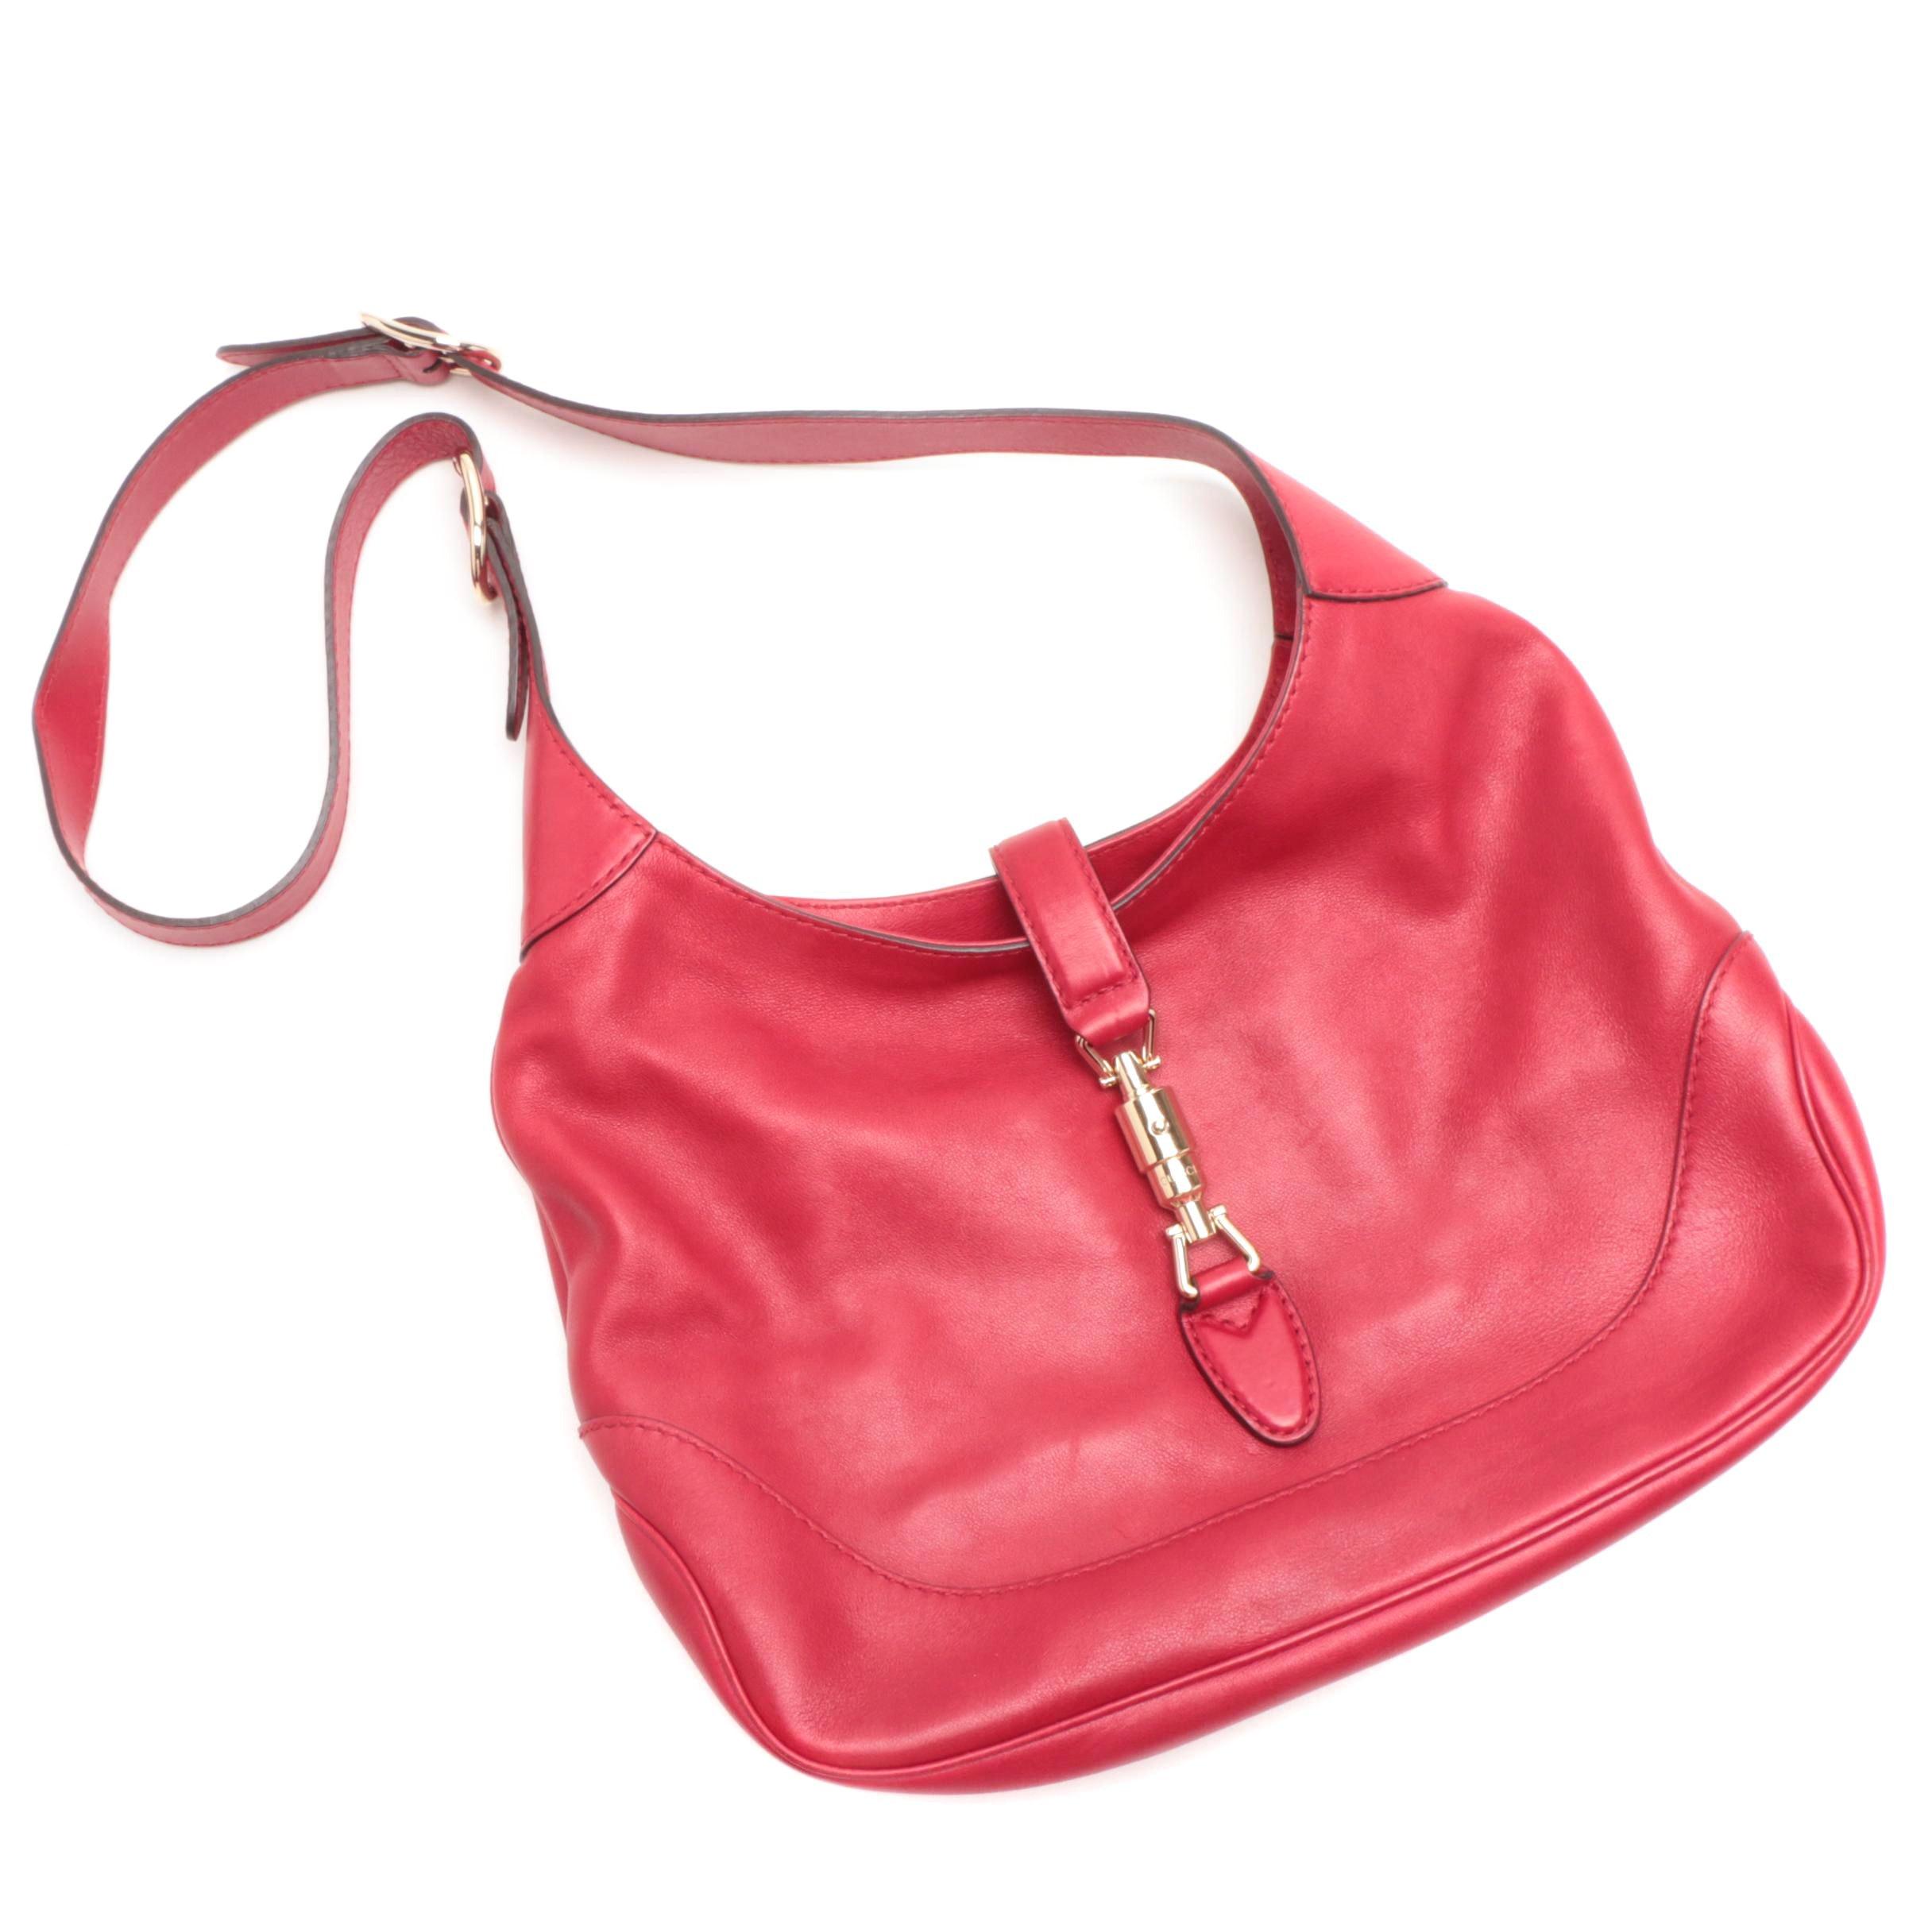 Gucci Red Leather Jackie Shoulder Bag